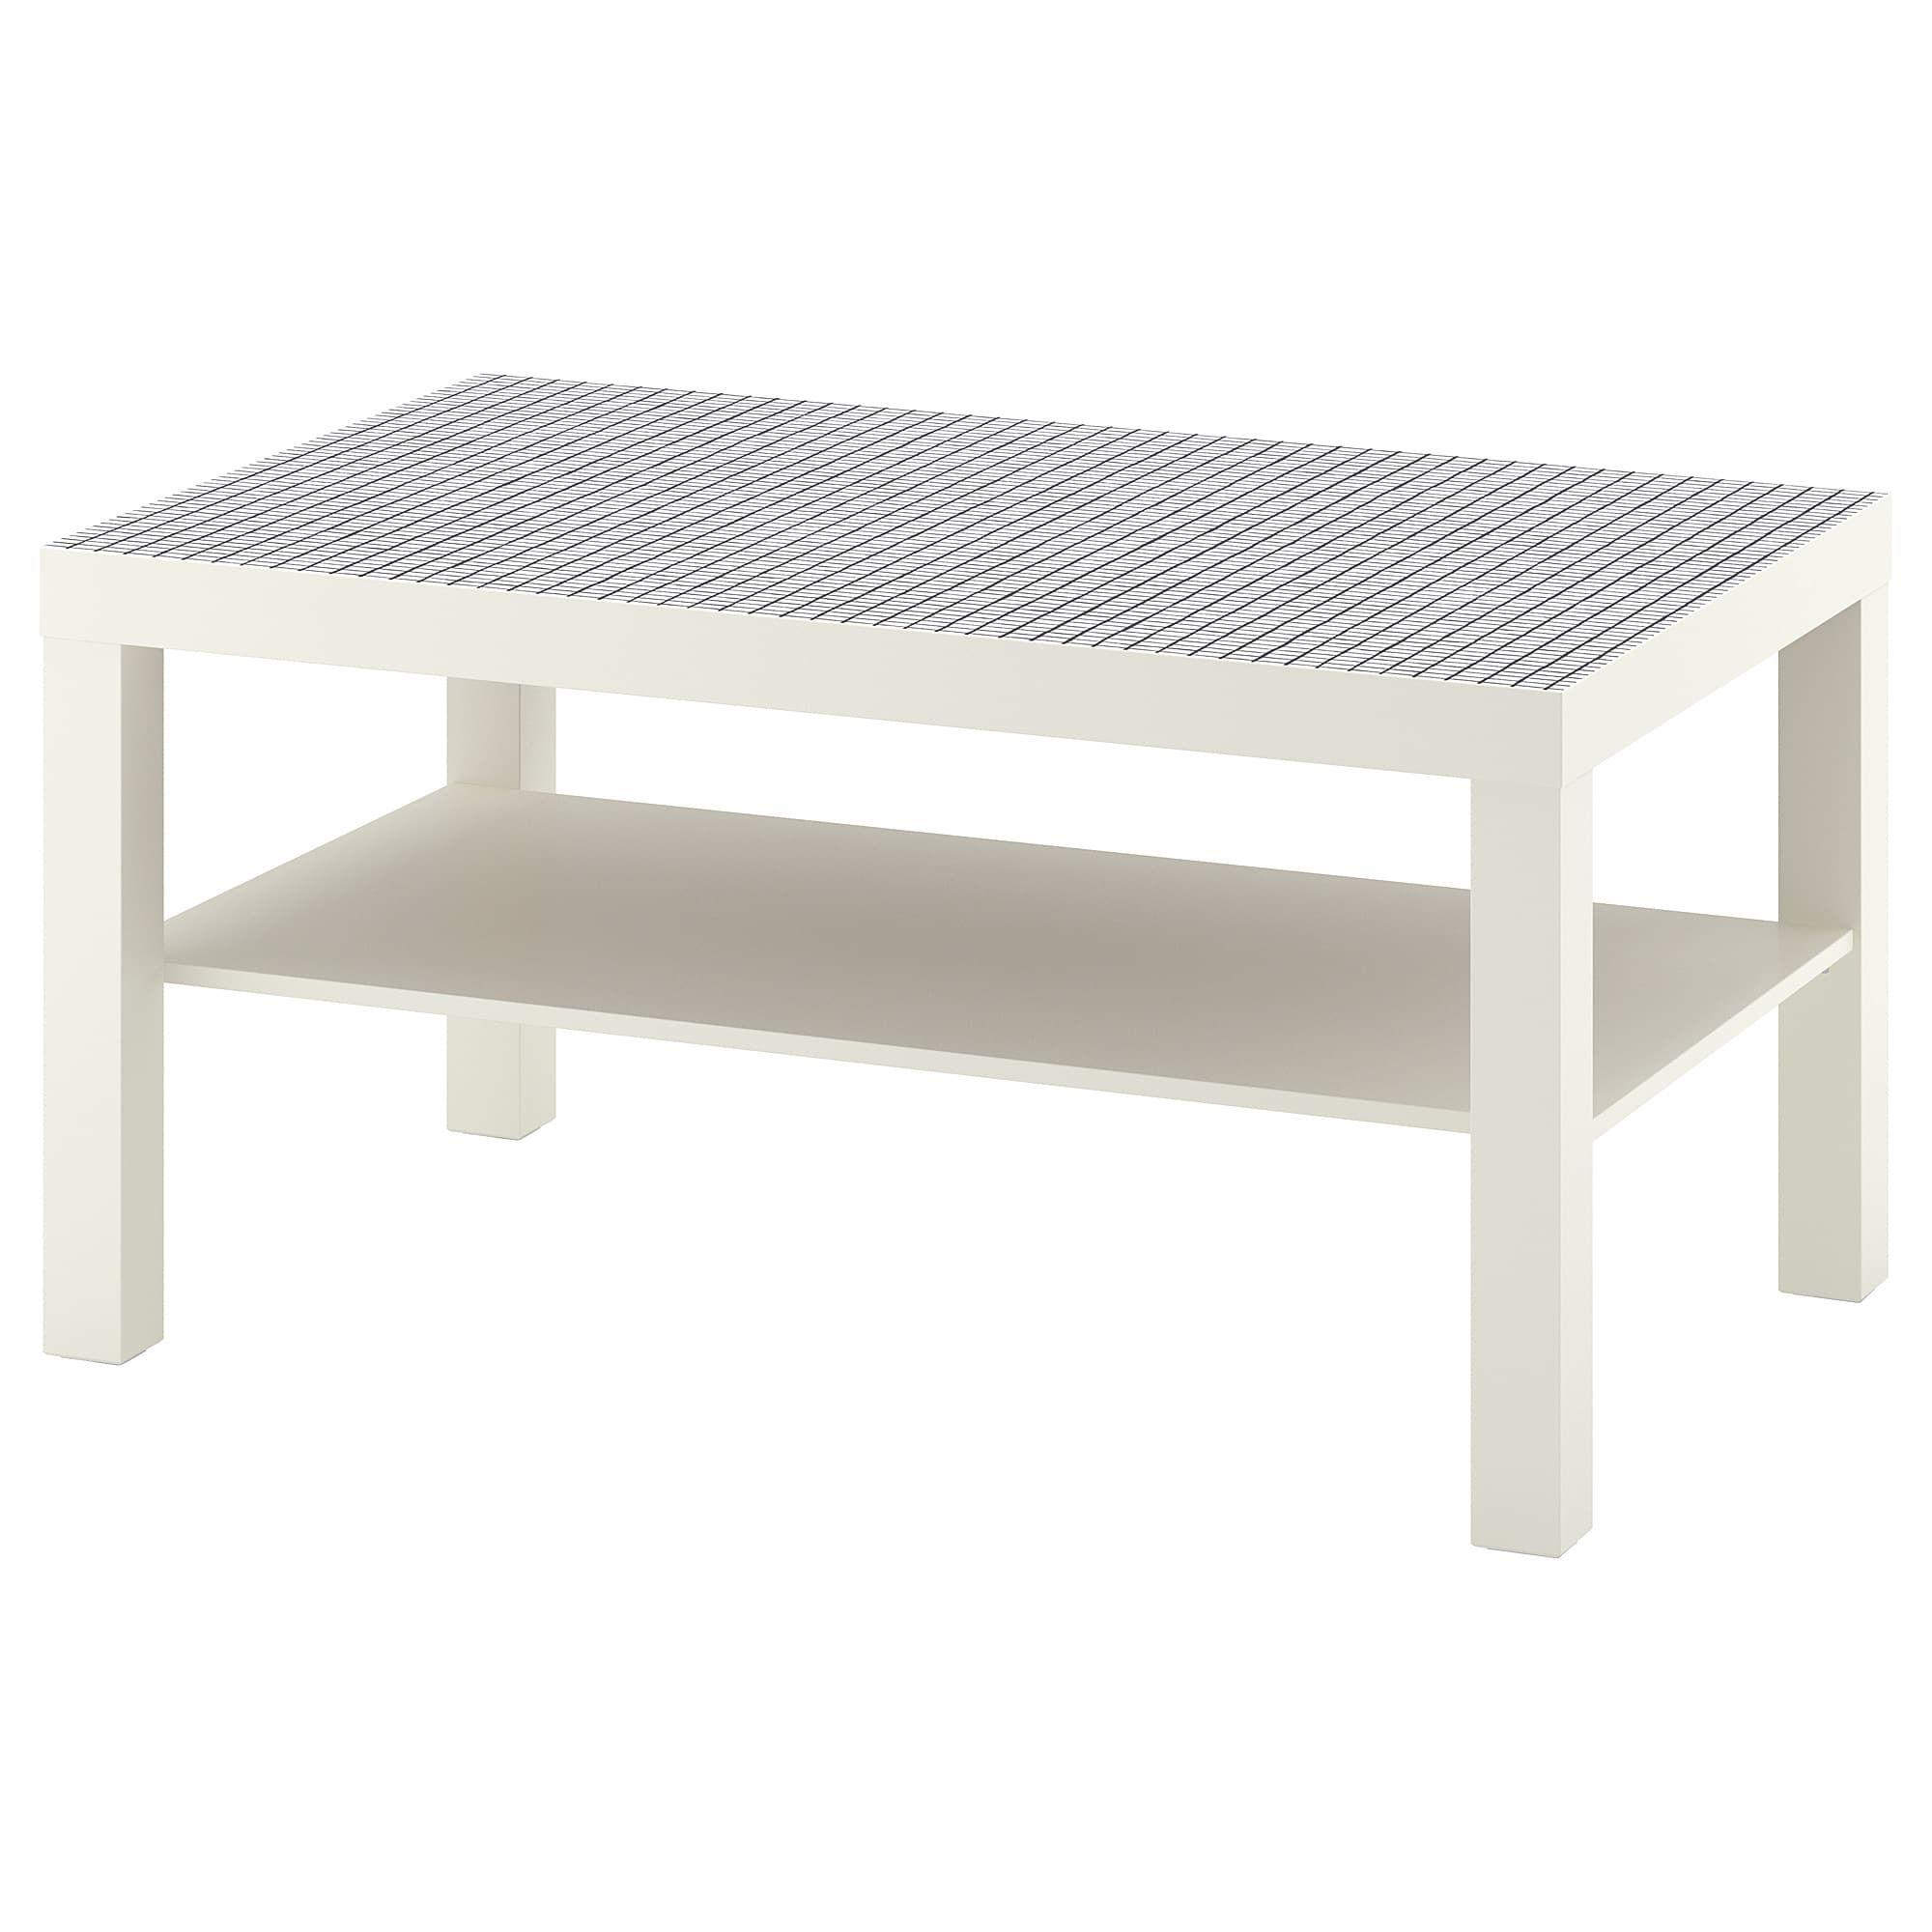 Lack Couchtisch Weiss Karos Wohnzimmertische Ikea Couchtisch